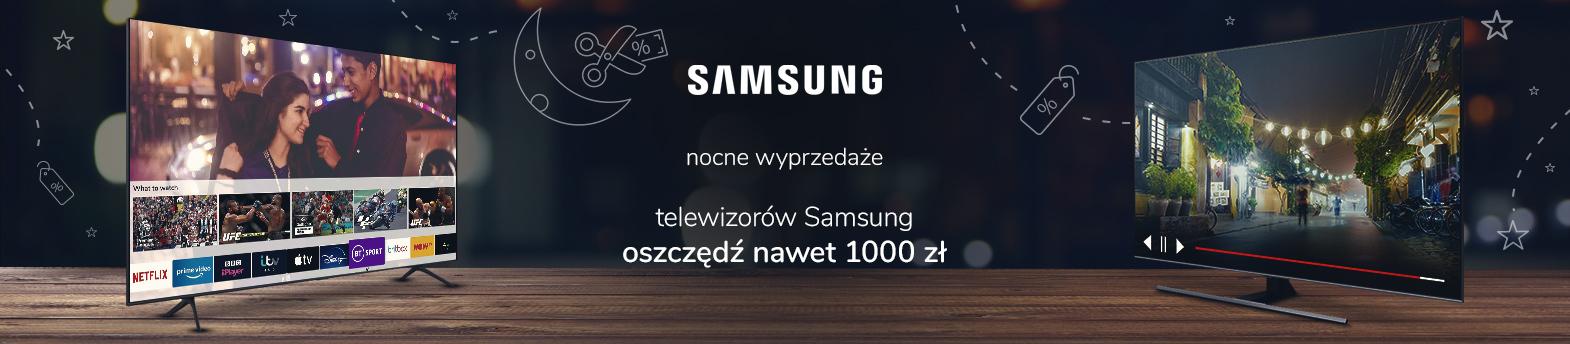 telewizory do -1000 zł